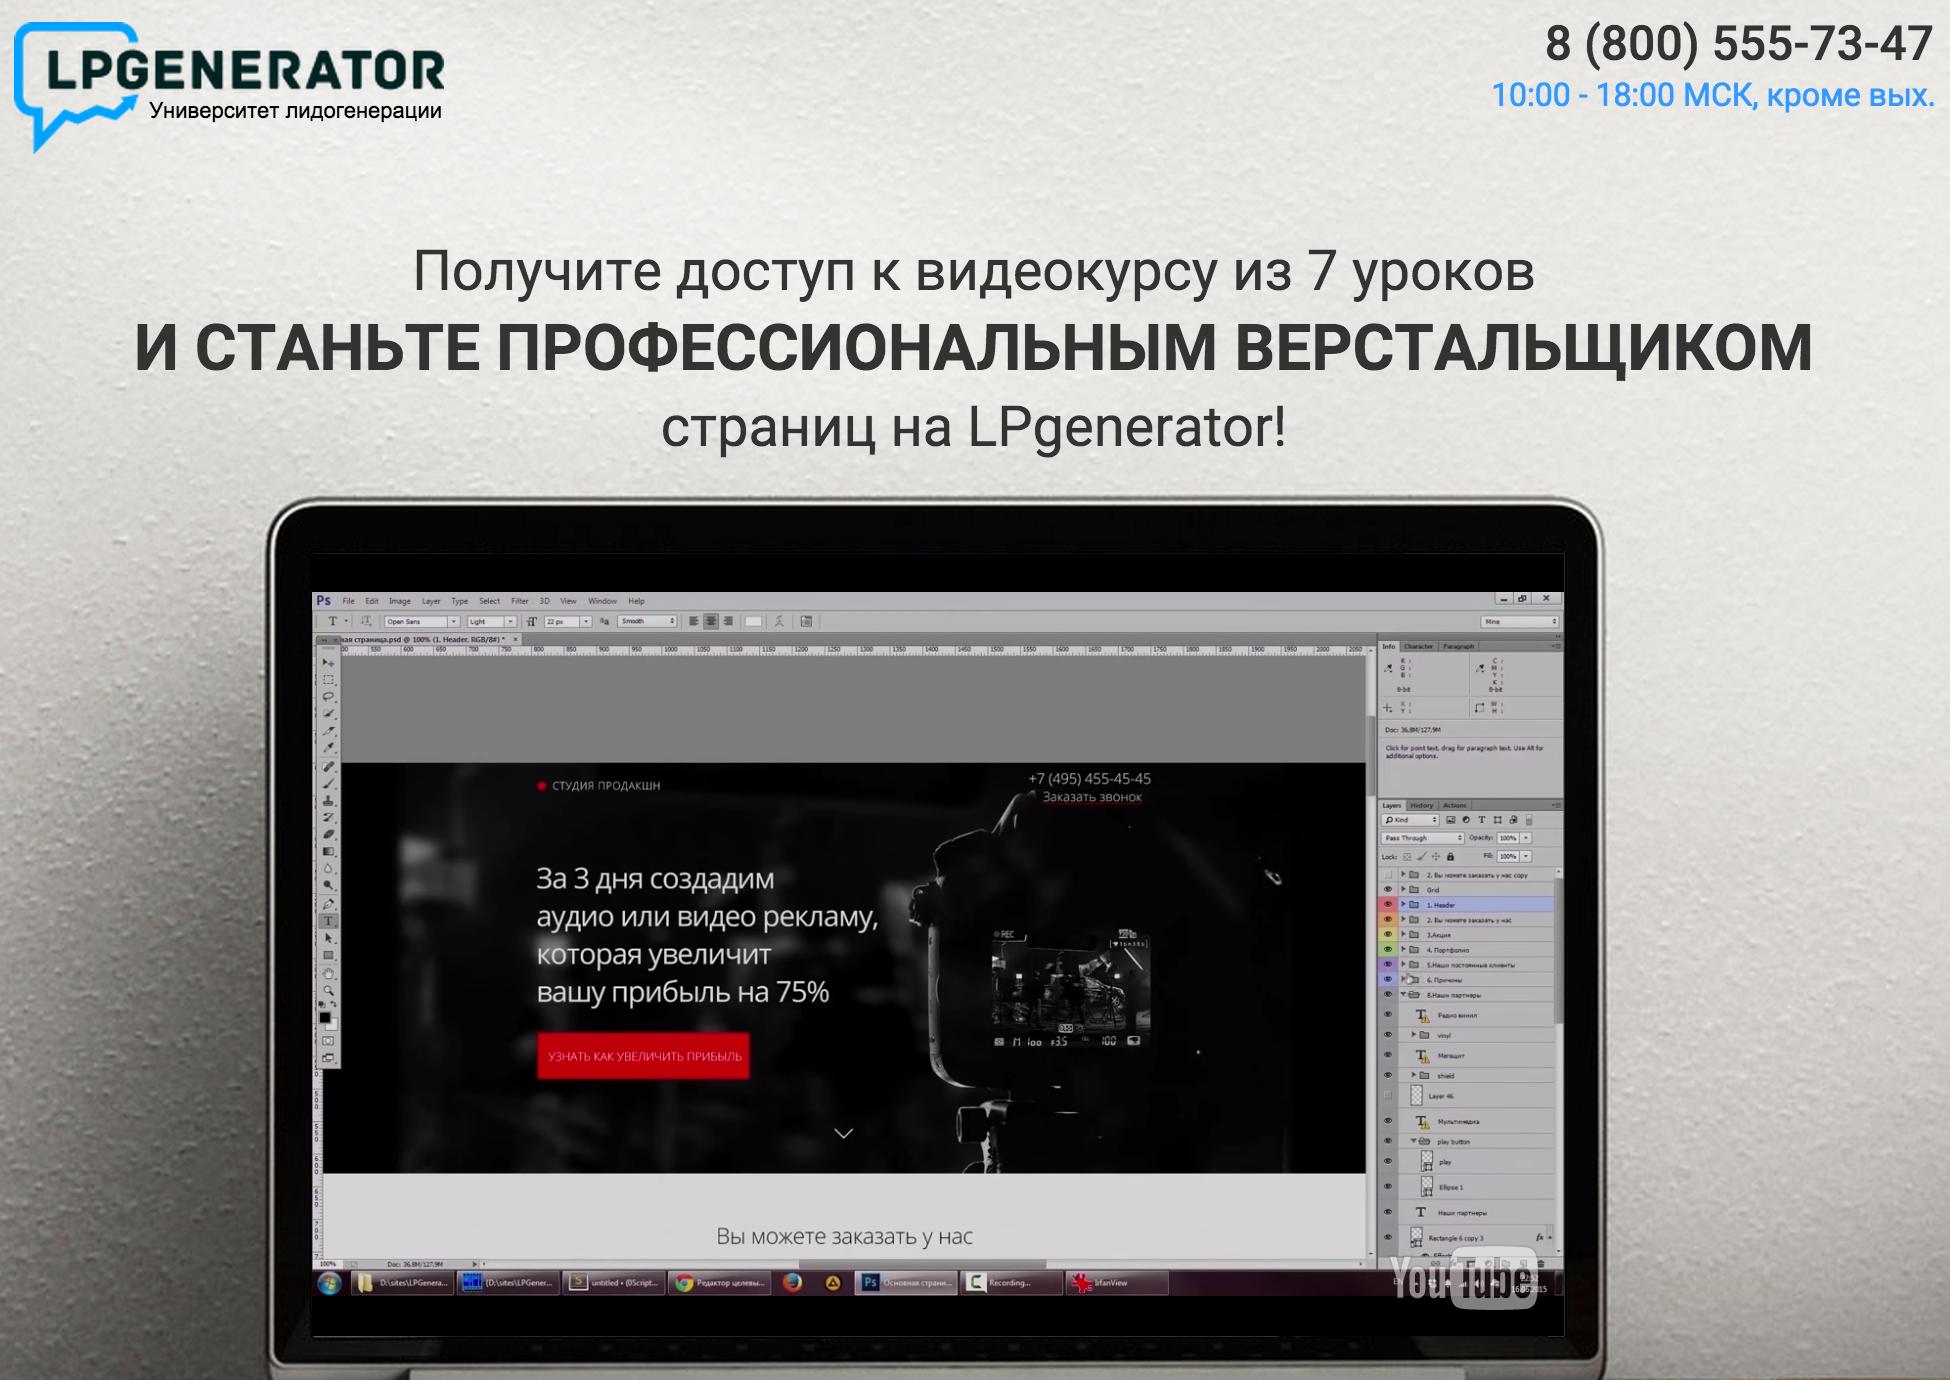 Иллюстрация к статье: Обучающий курс по верстке лендингов от LPgenerator